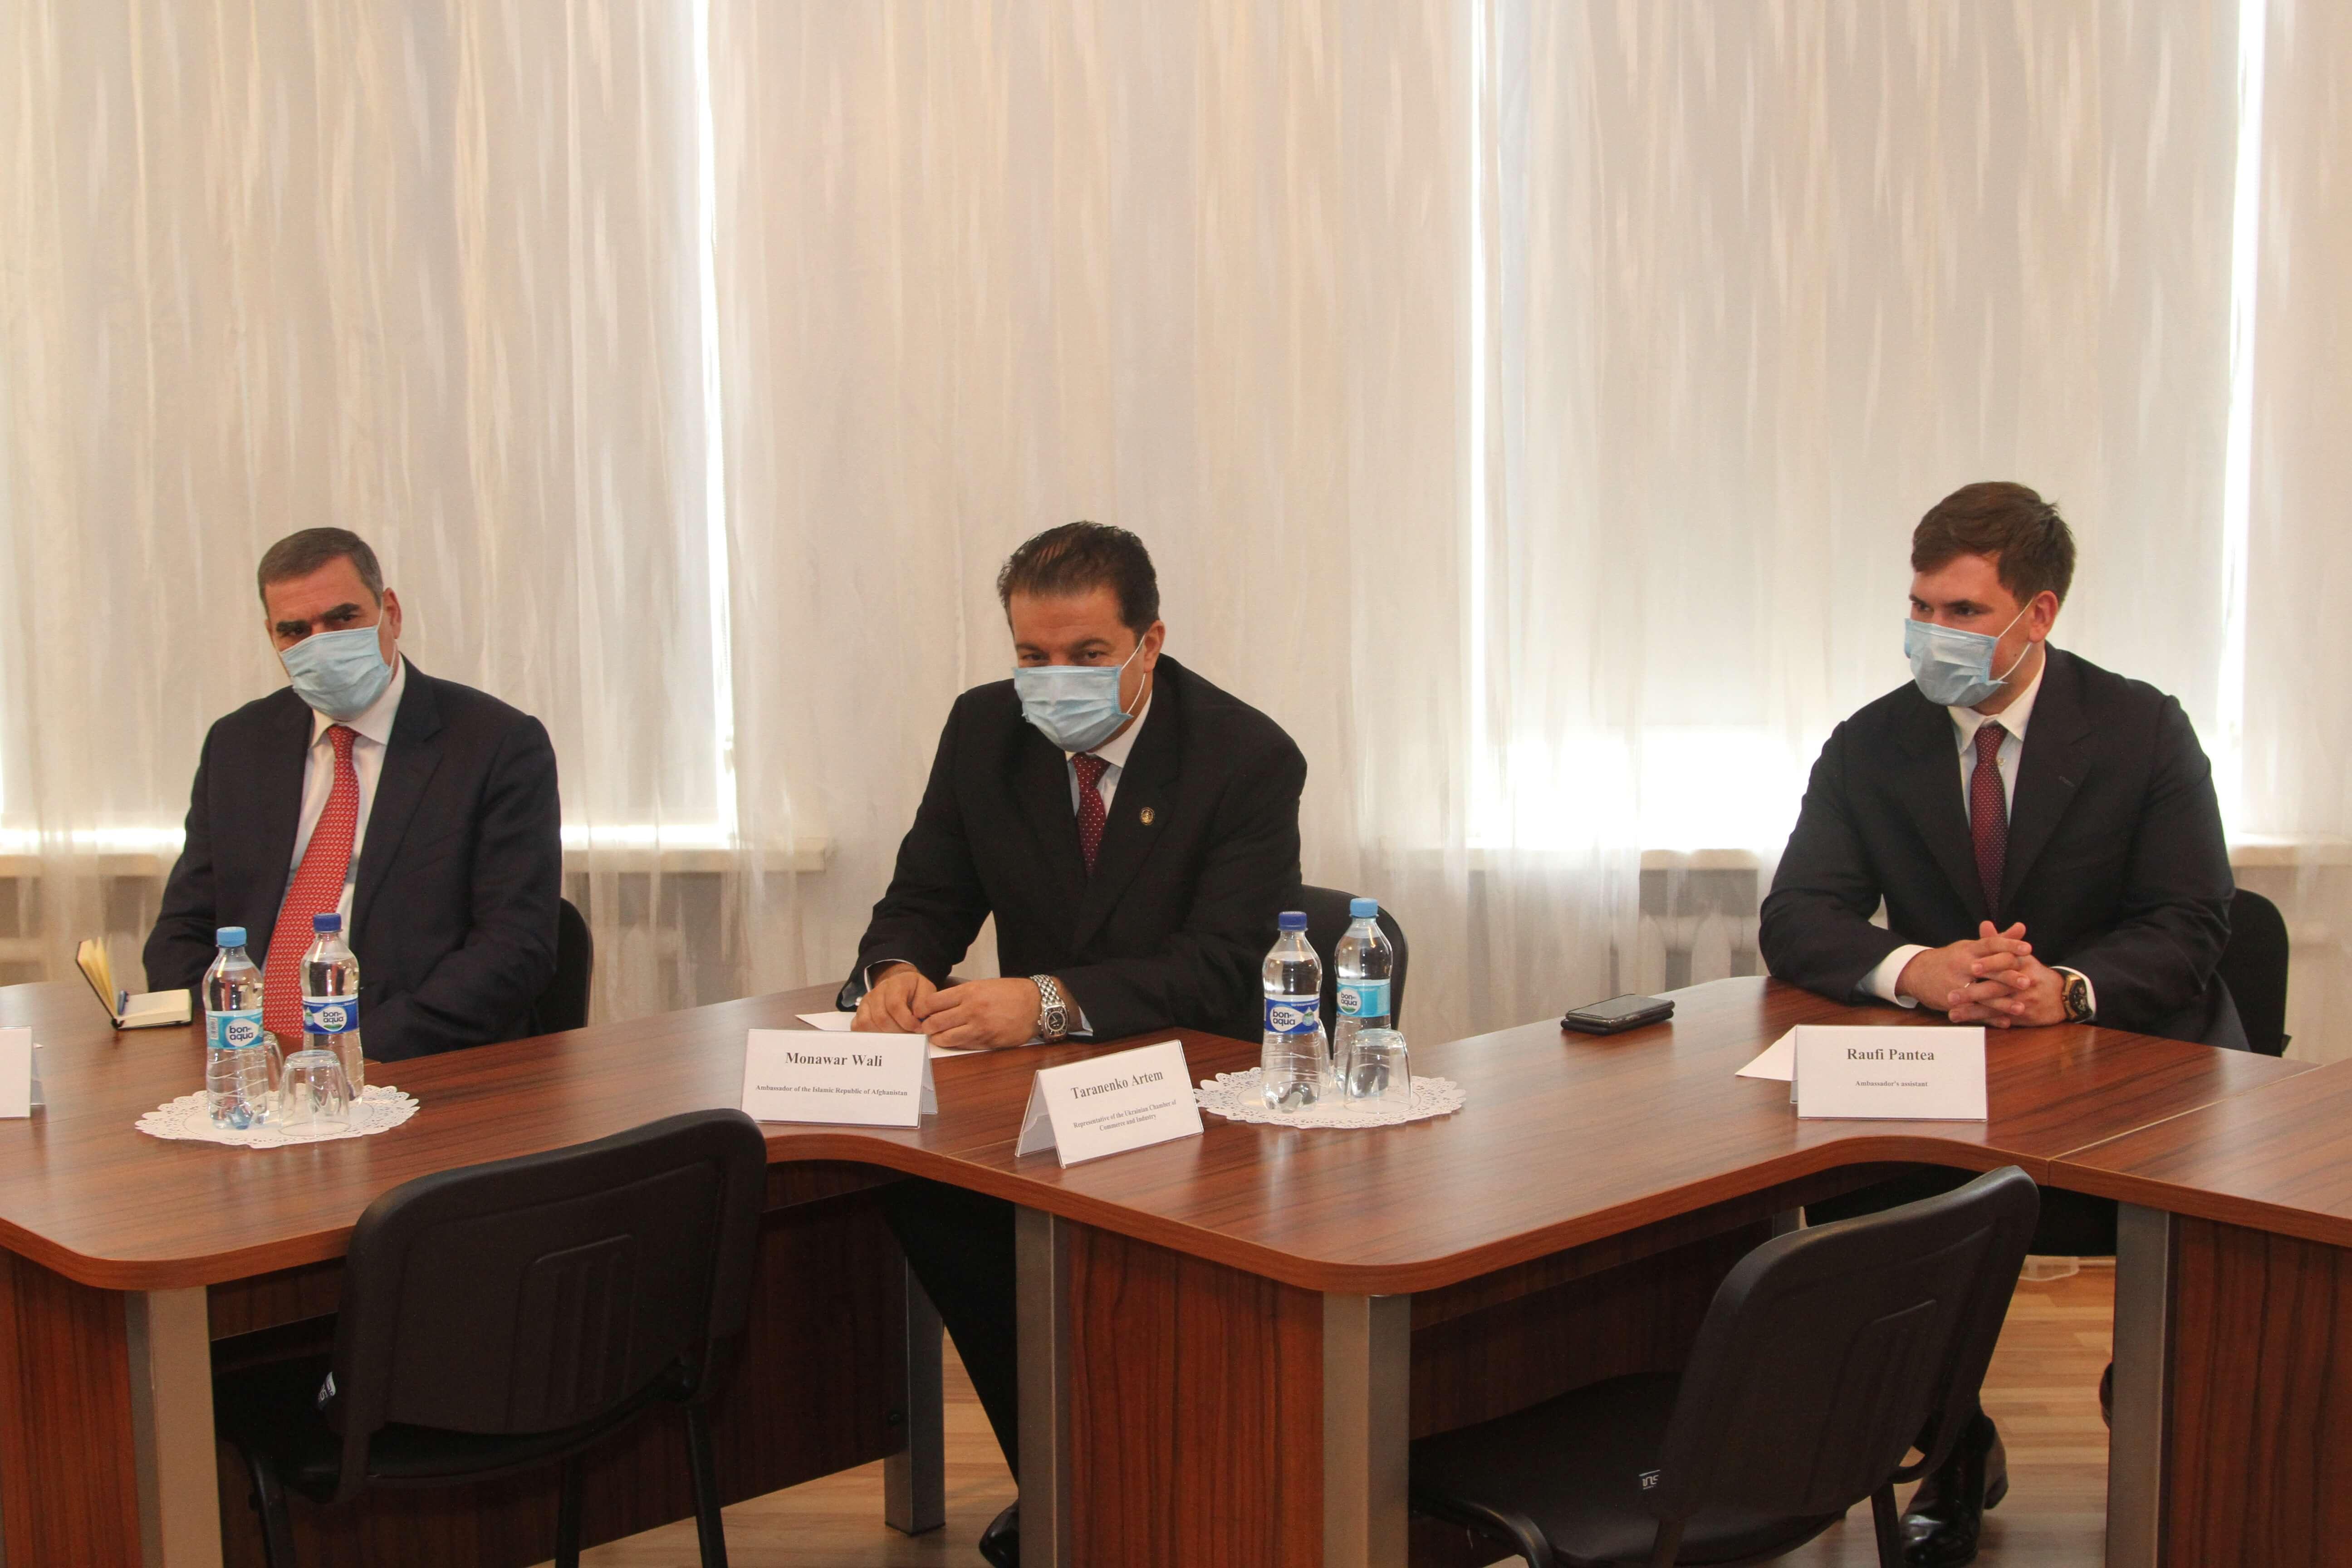 Визит Чрезвычайного и Полномочного Посла Исламской Республики Афганистан в Украине